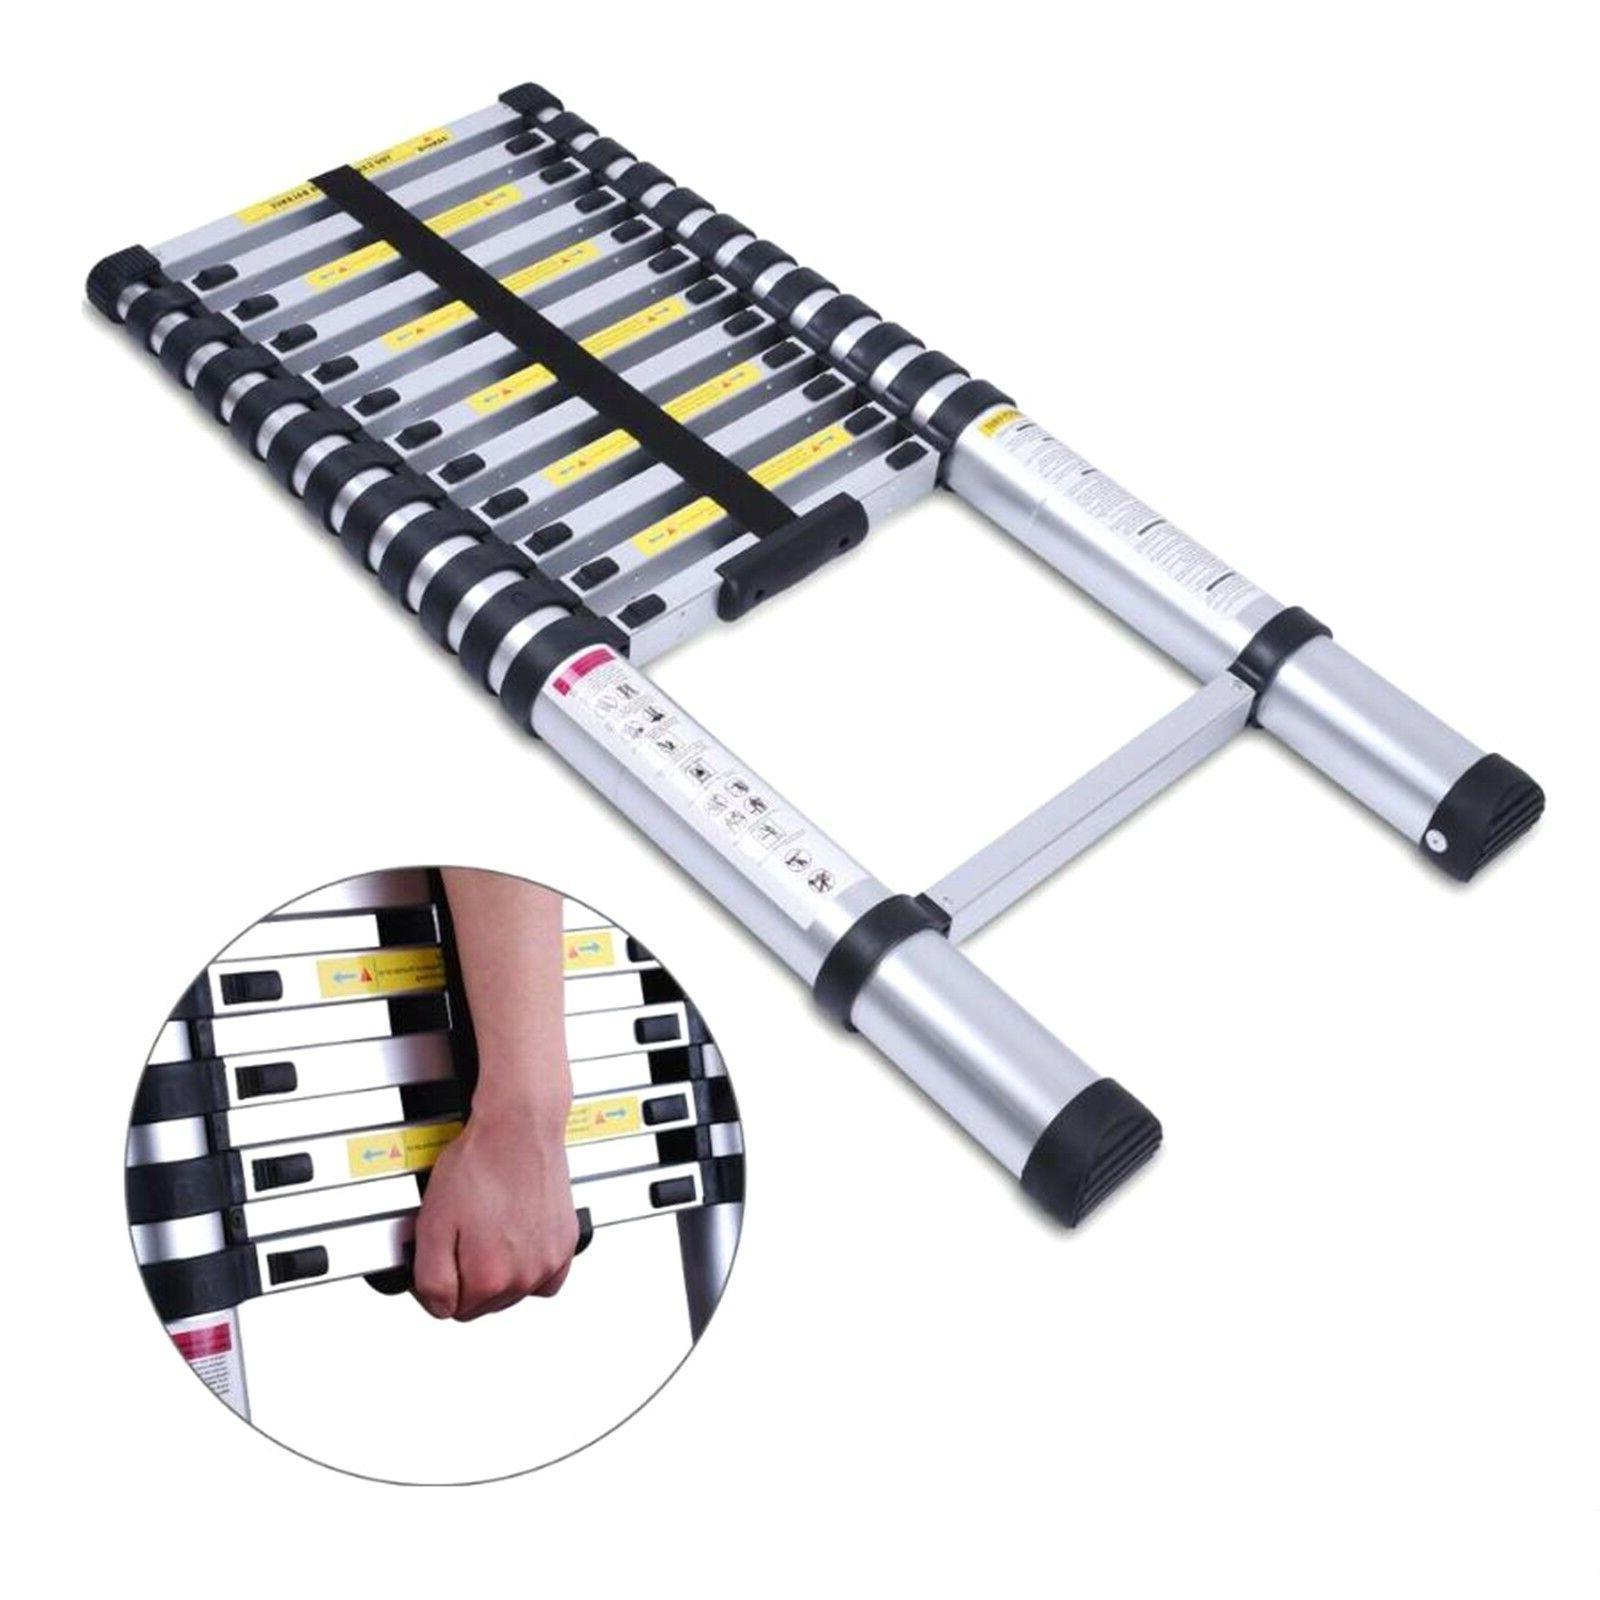 10 5ft aluminum multi purpose telescopic ladder